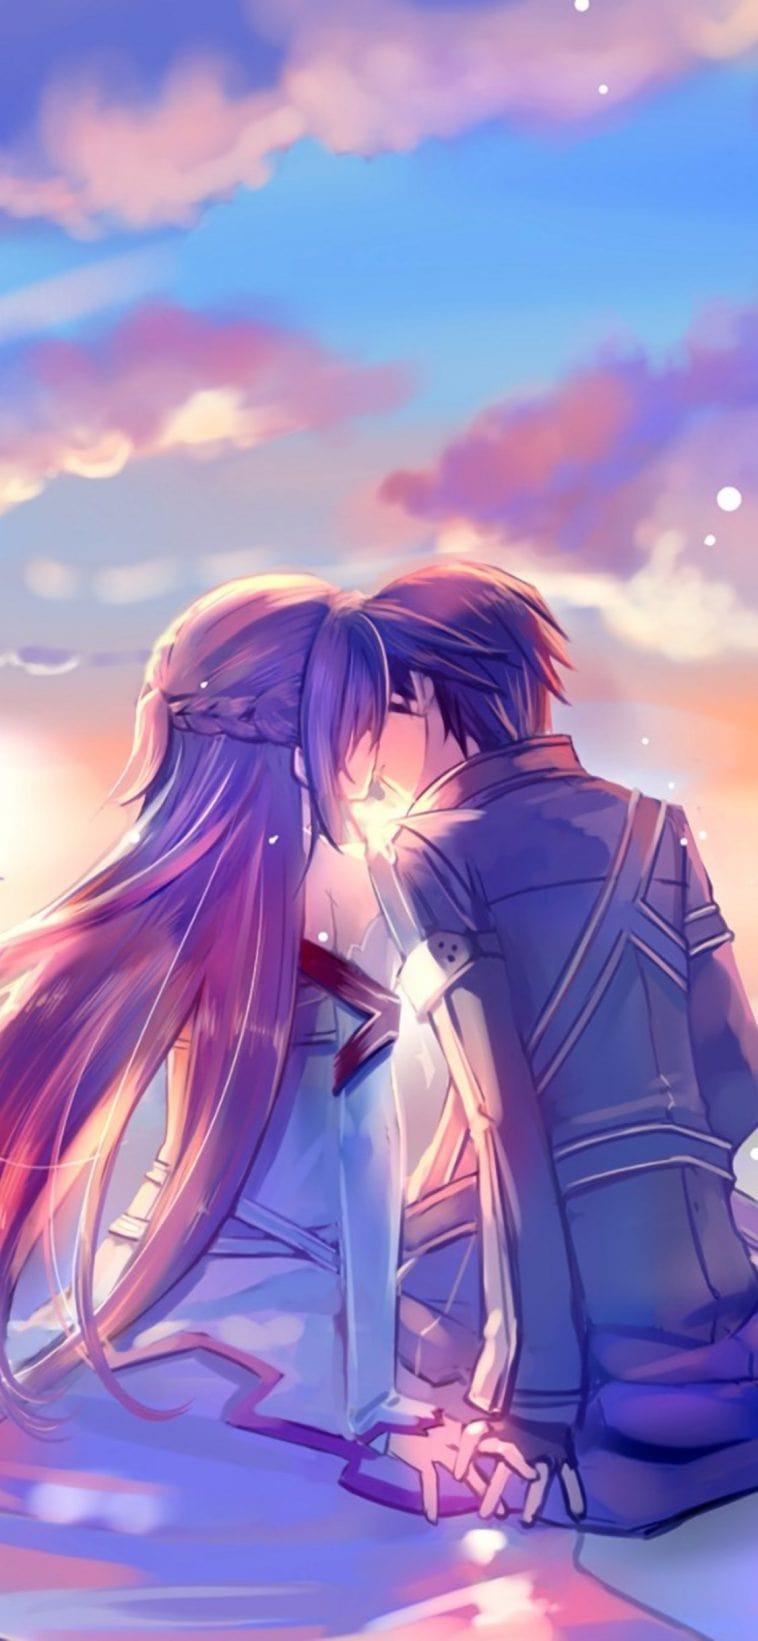 Wallpaper Anime Couple : Sad Anime Couples Wallpapers Top ...